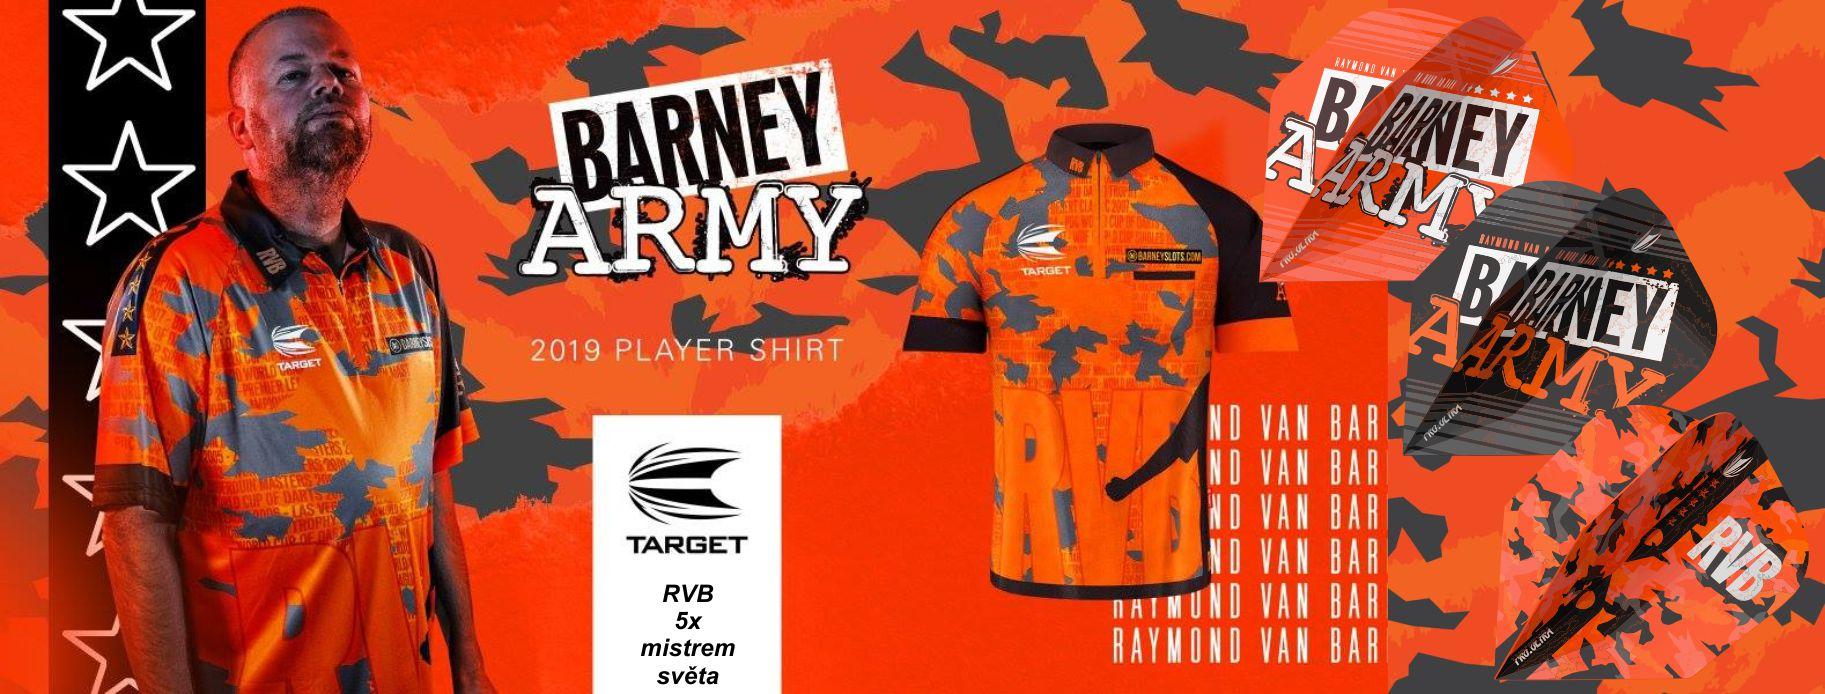 tričko Barney Army 2019